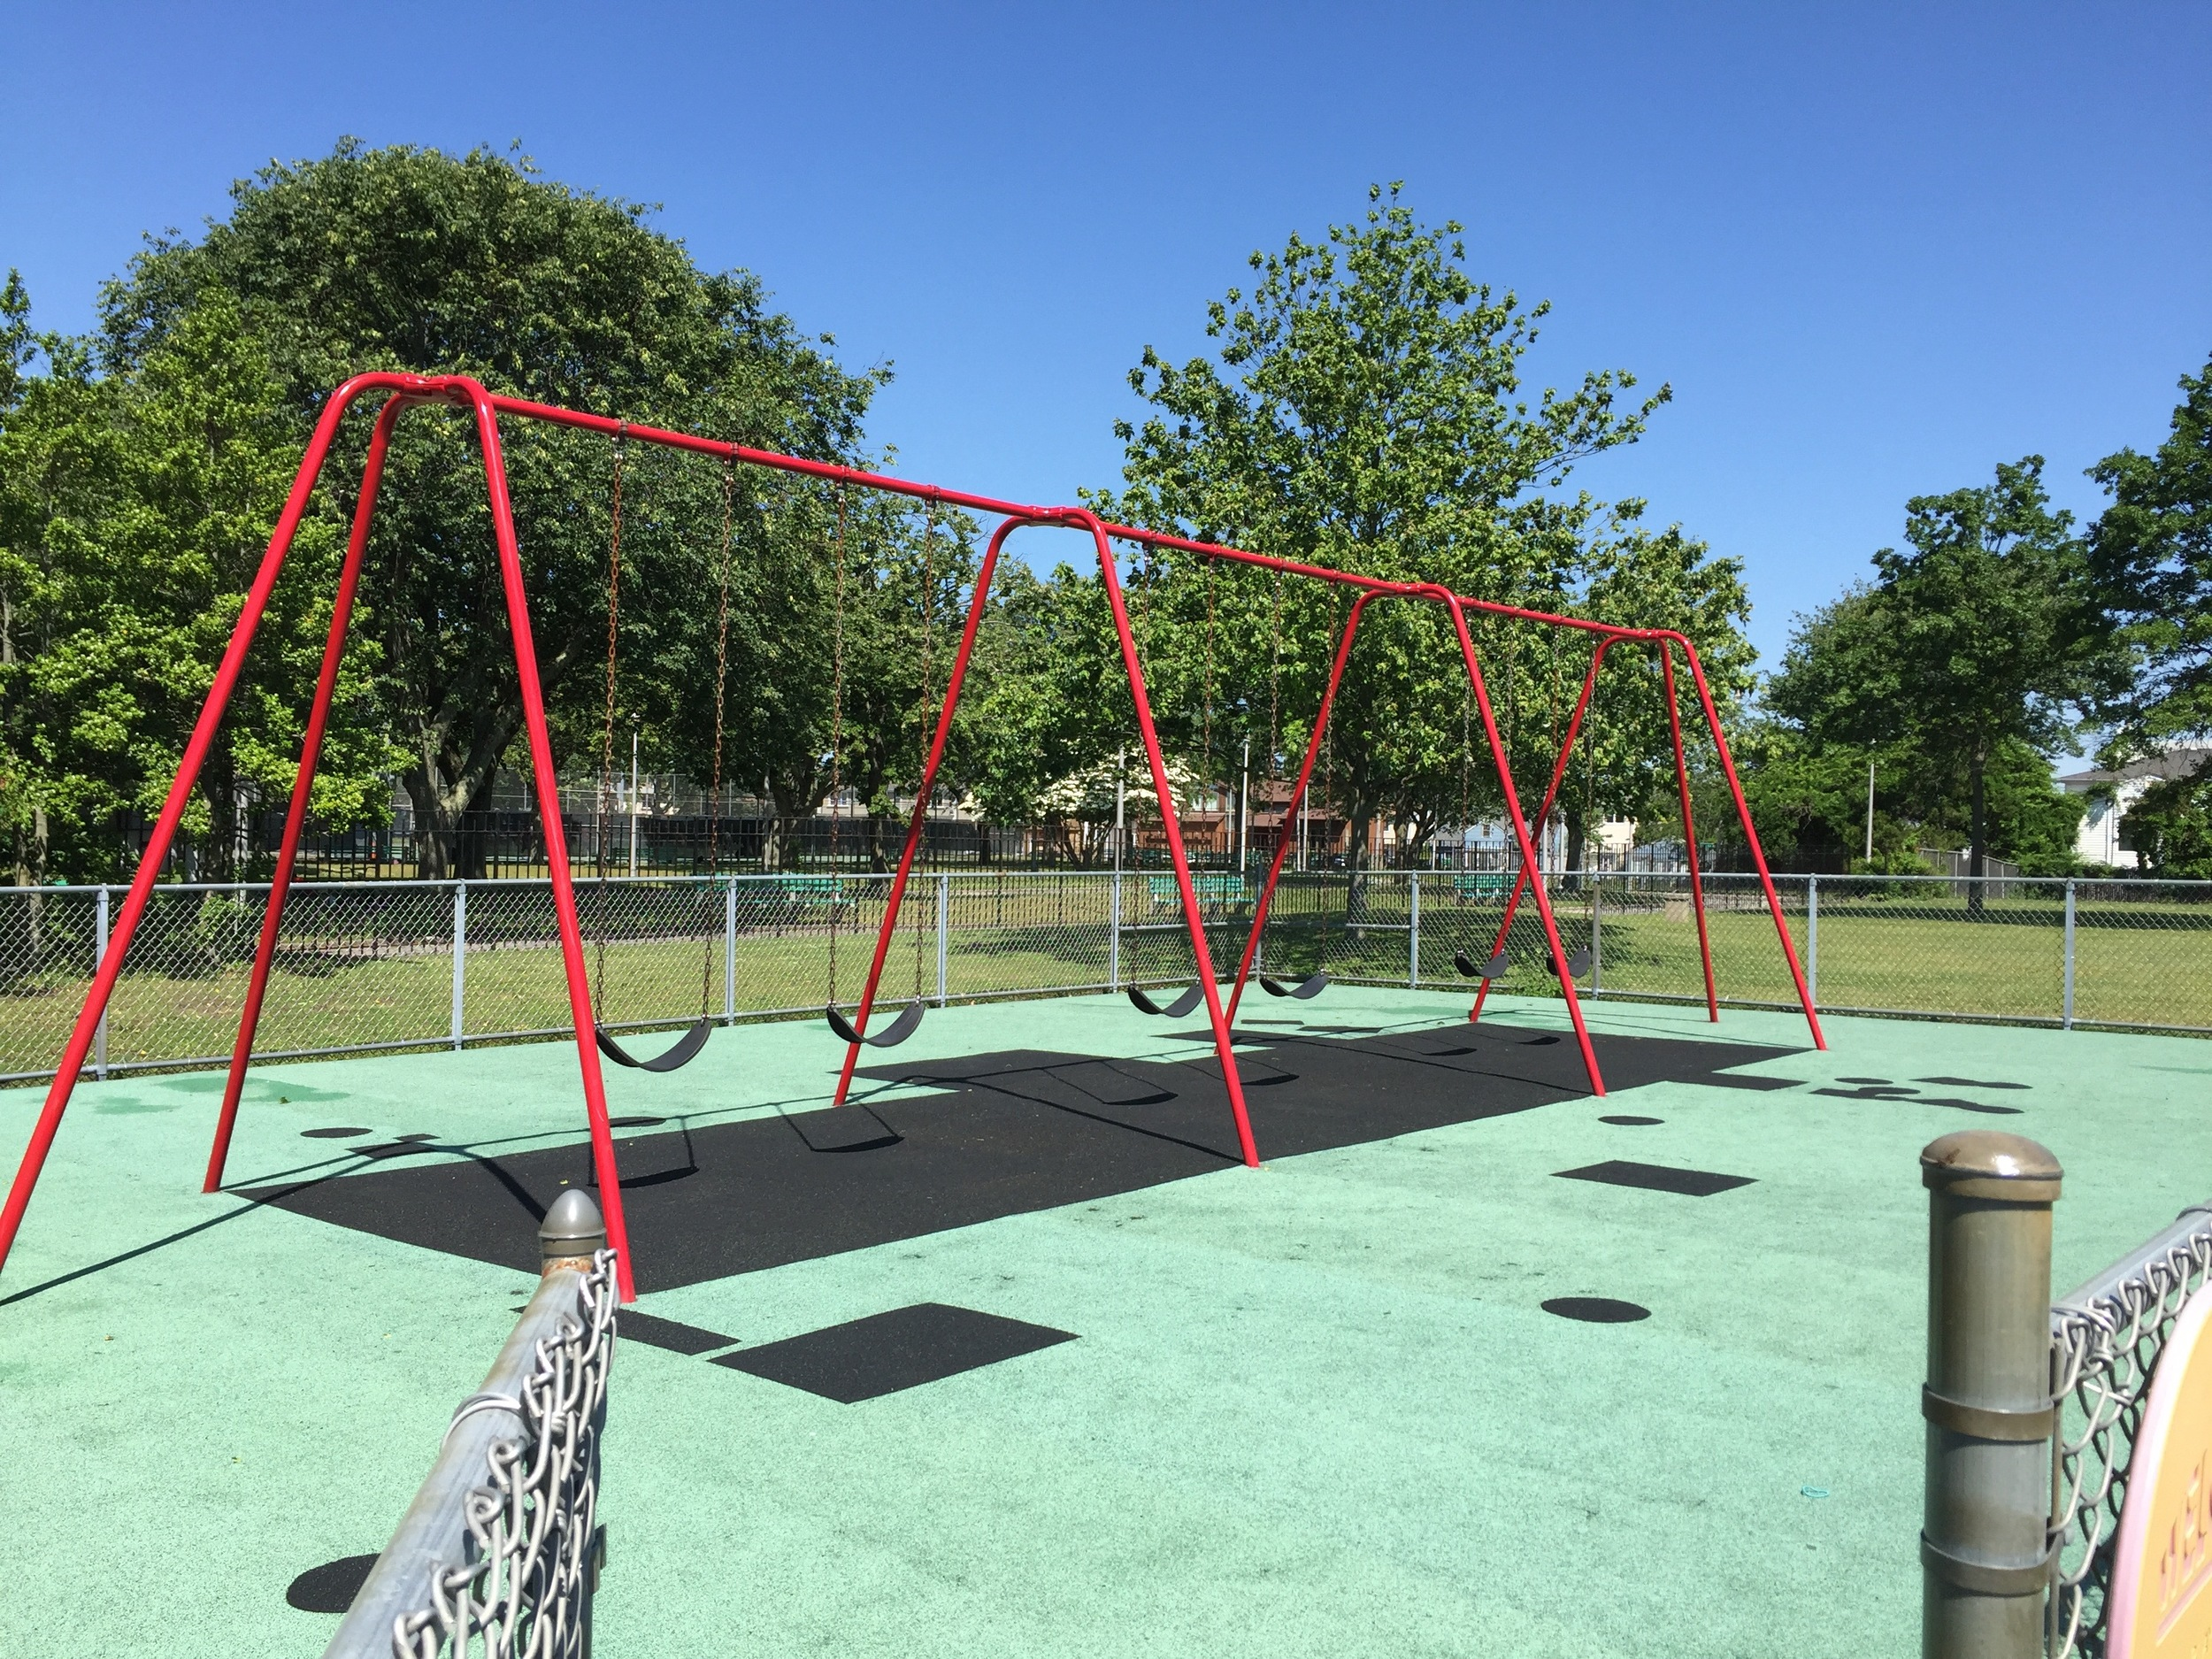 Swings at Newbridge Playground